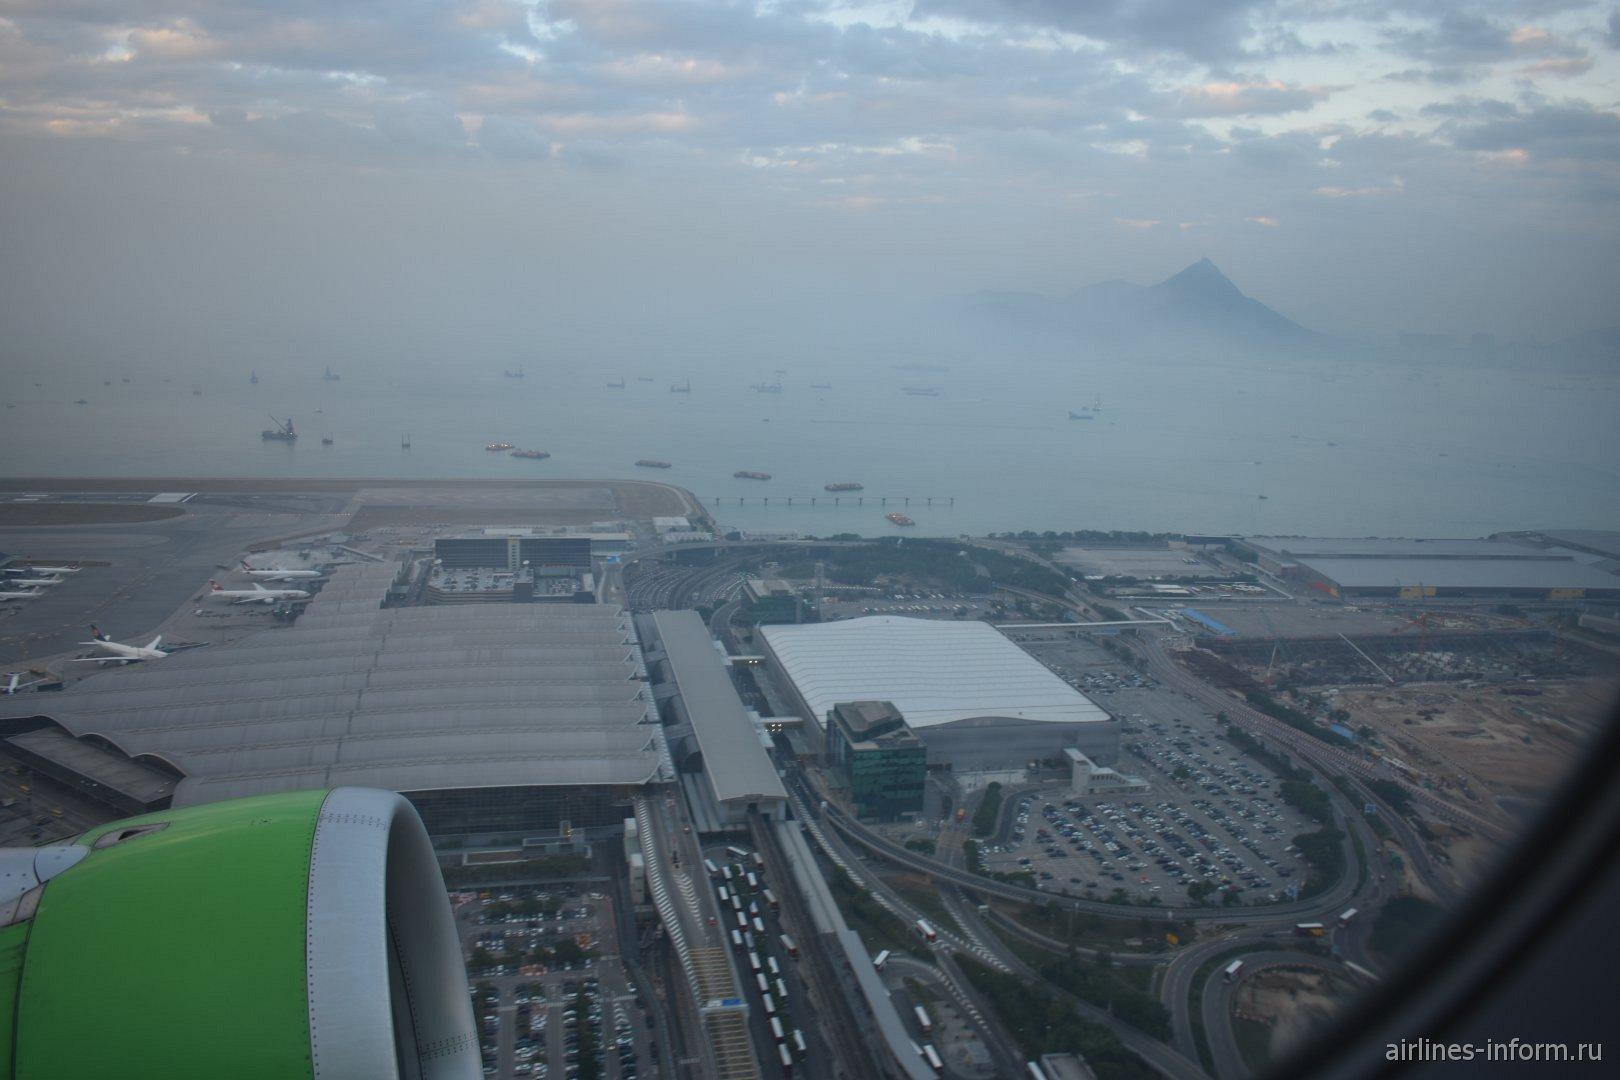 Вид на пассажирские терминалы аэропорта Гонконг при взлете